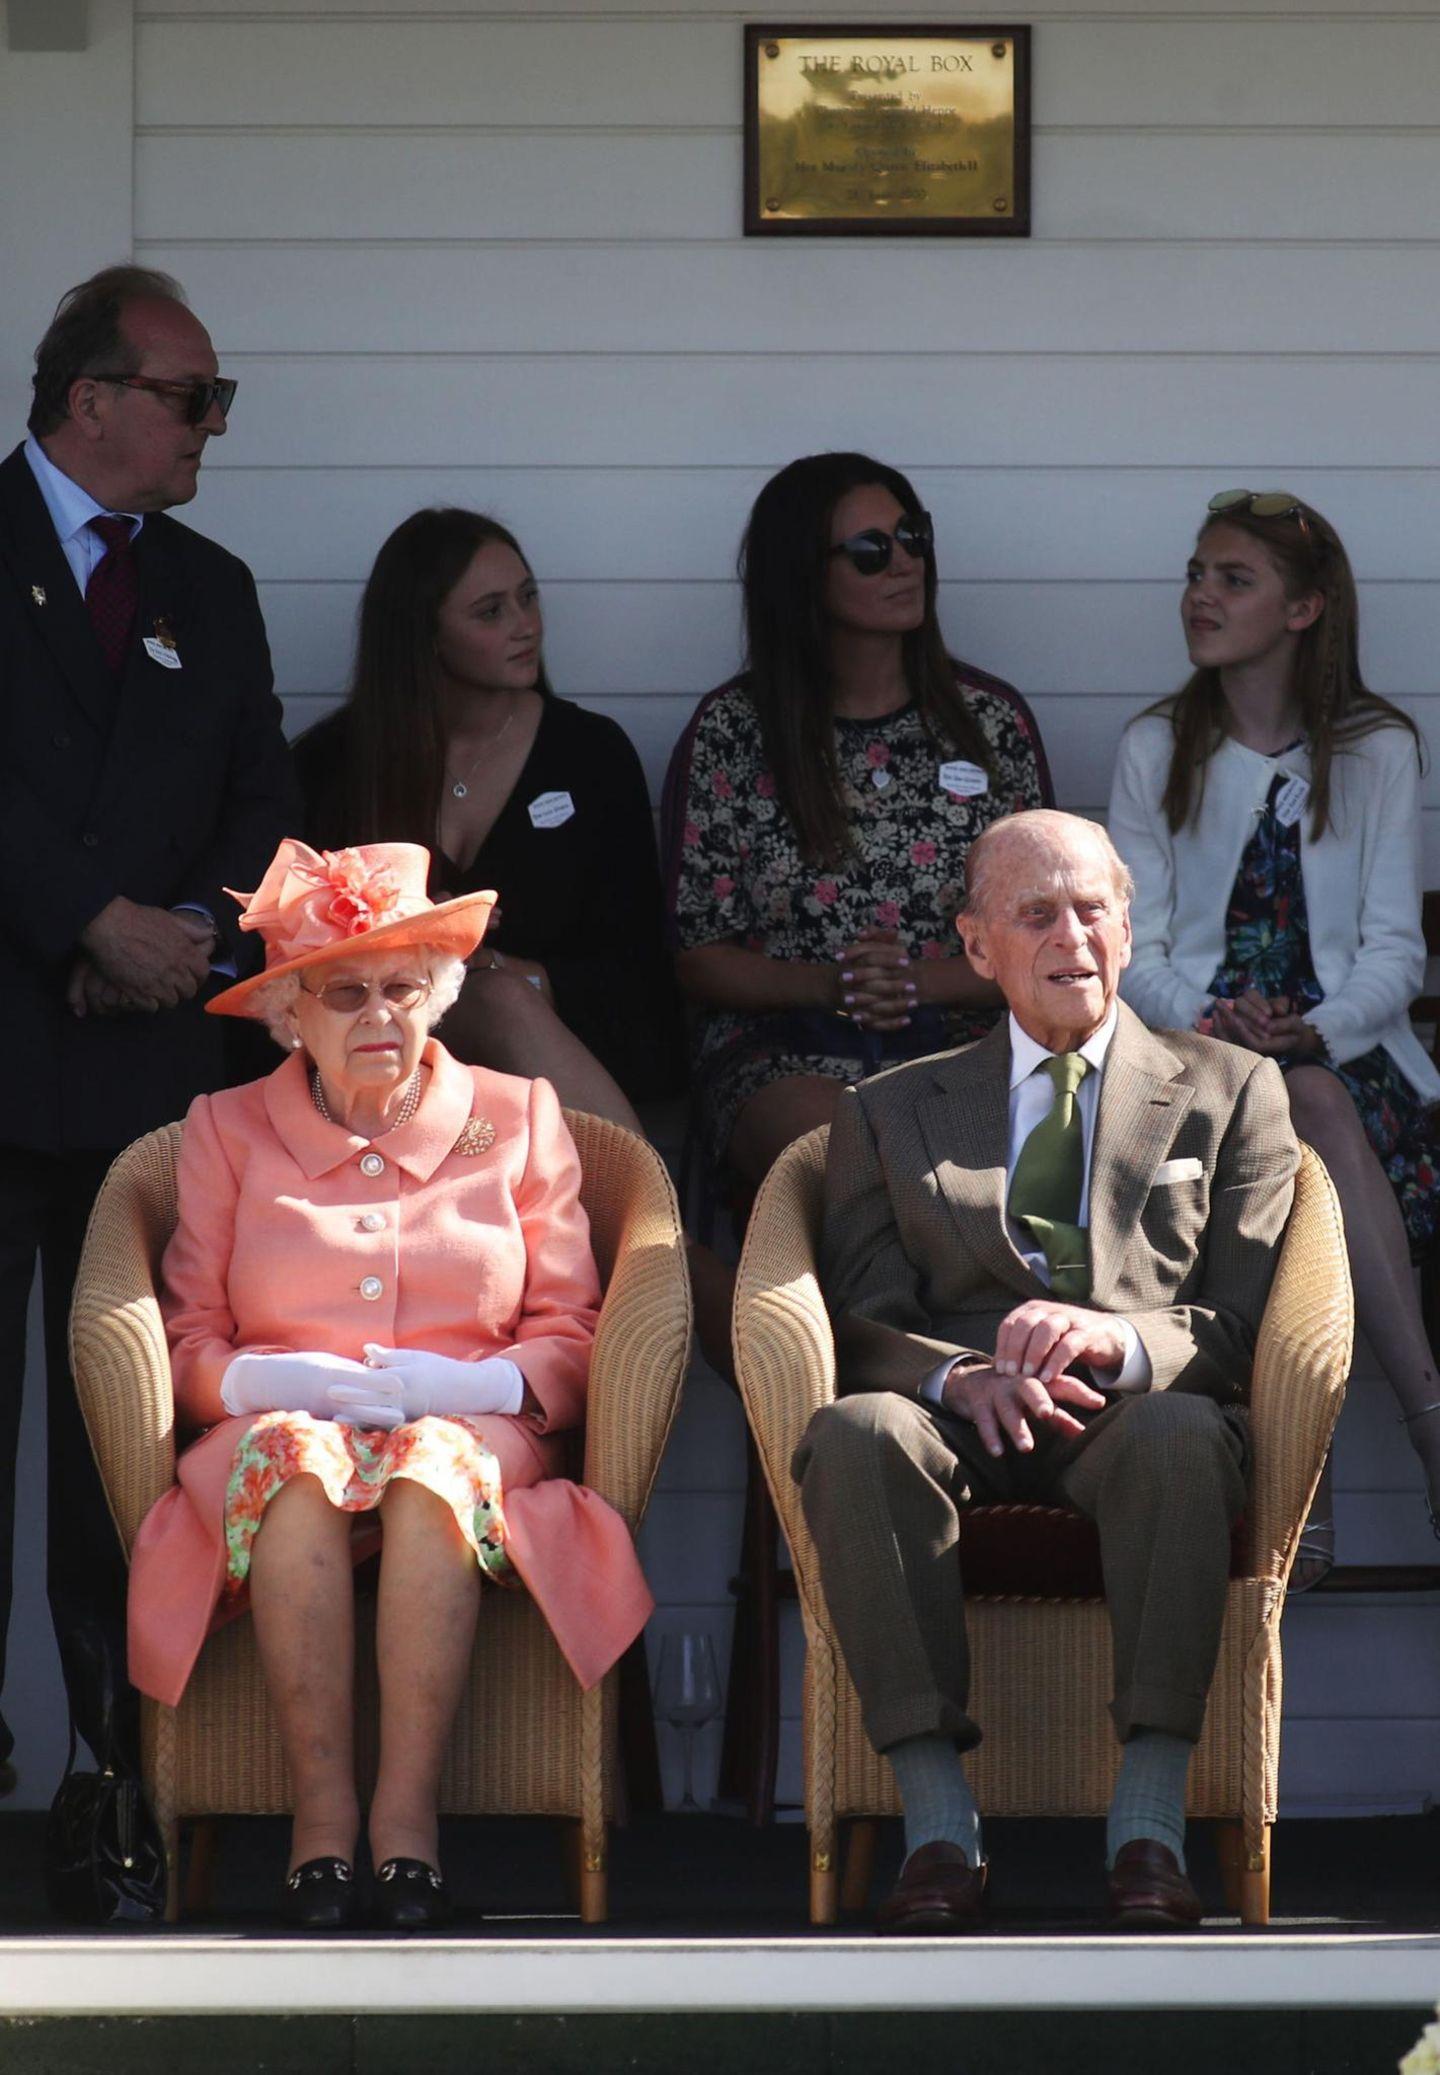 """09. Juli 2018  Sie feiern 71 Jahre Verlobung: Die Queen sitzt weiterhin auf dem Thron und Prinz Philip noch immer an ihrer Seite.Königin Elizabeth II ist die am längsten regierende britische Monarchin und das am längsten amtierende Staatsoberhaupt der Welt. Trotz des hohen Alters zeigensie sich weiterhin in der Öffentlichkeit: Auf dem Foto fiebert das royale Ehepaarbei einemMatch im """"Guards Polo Club"""" im Windsor Great Park am 24. Juni 2018 mit."""